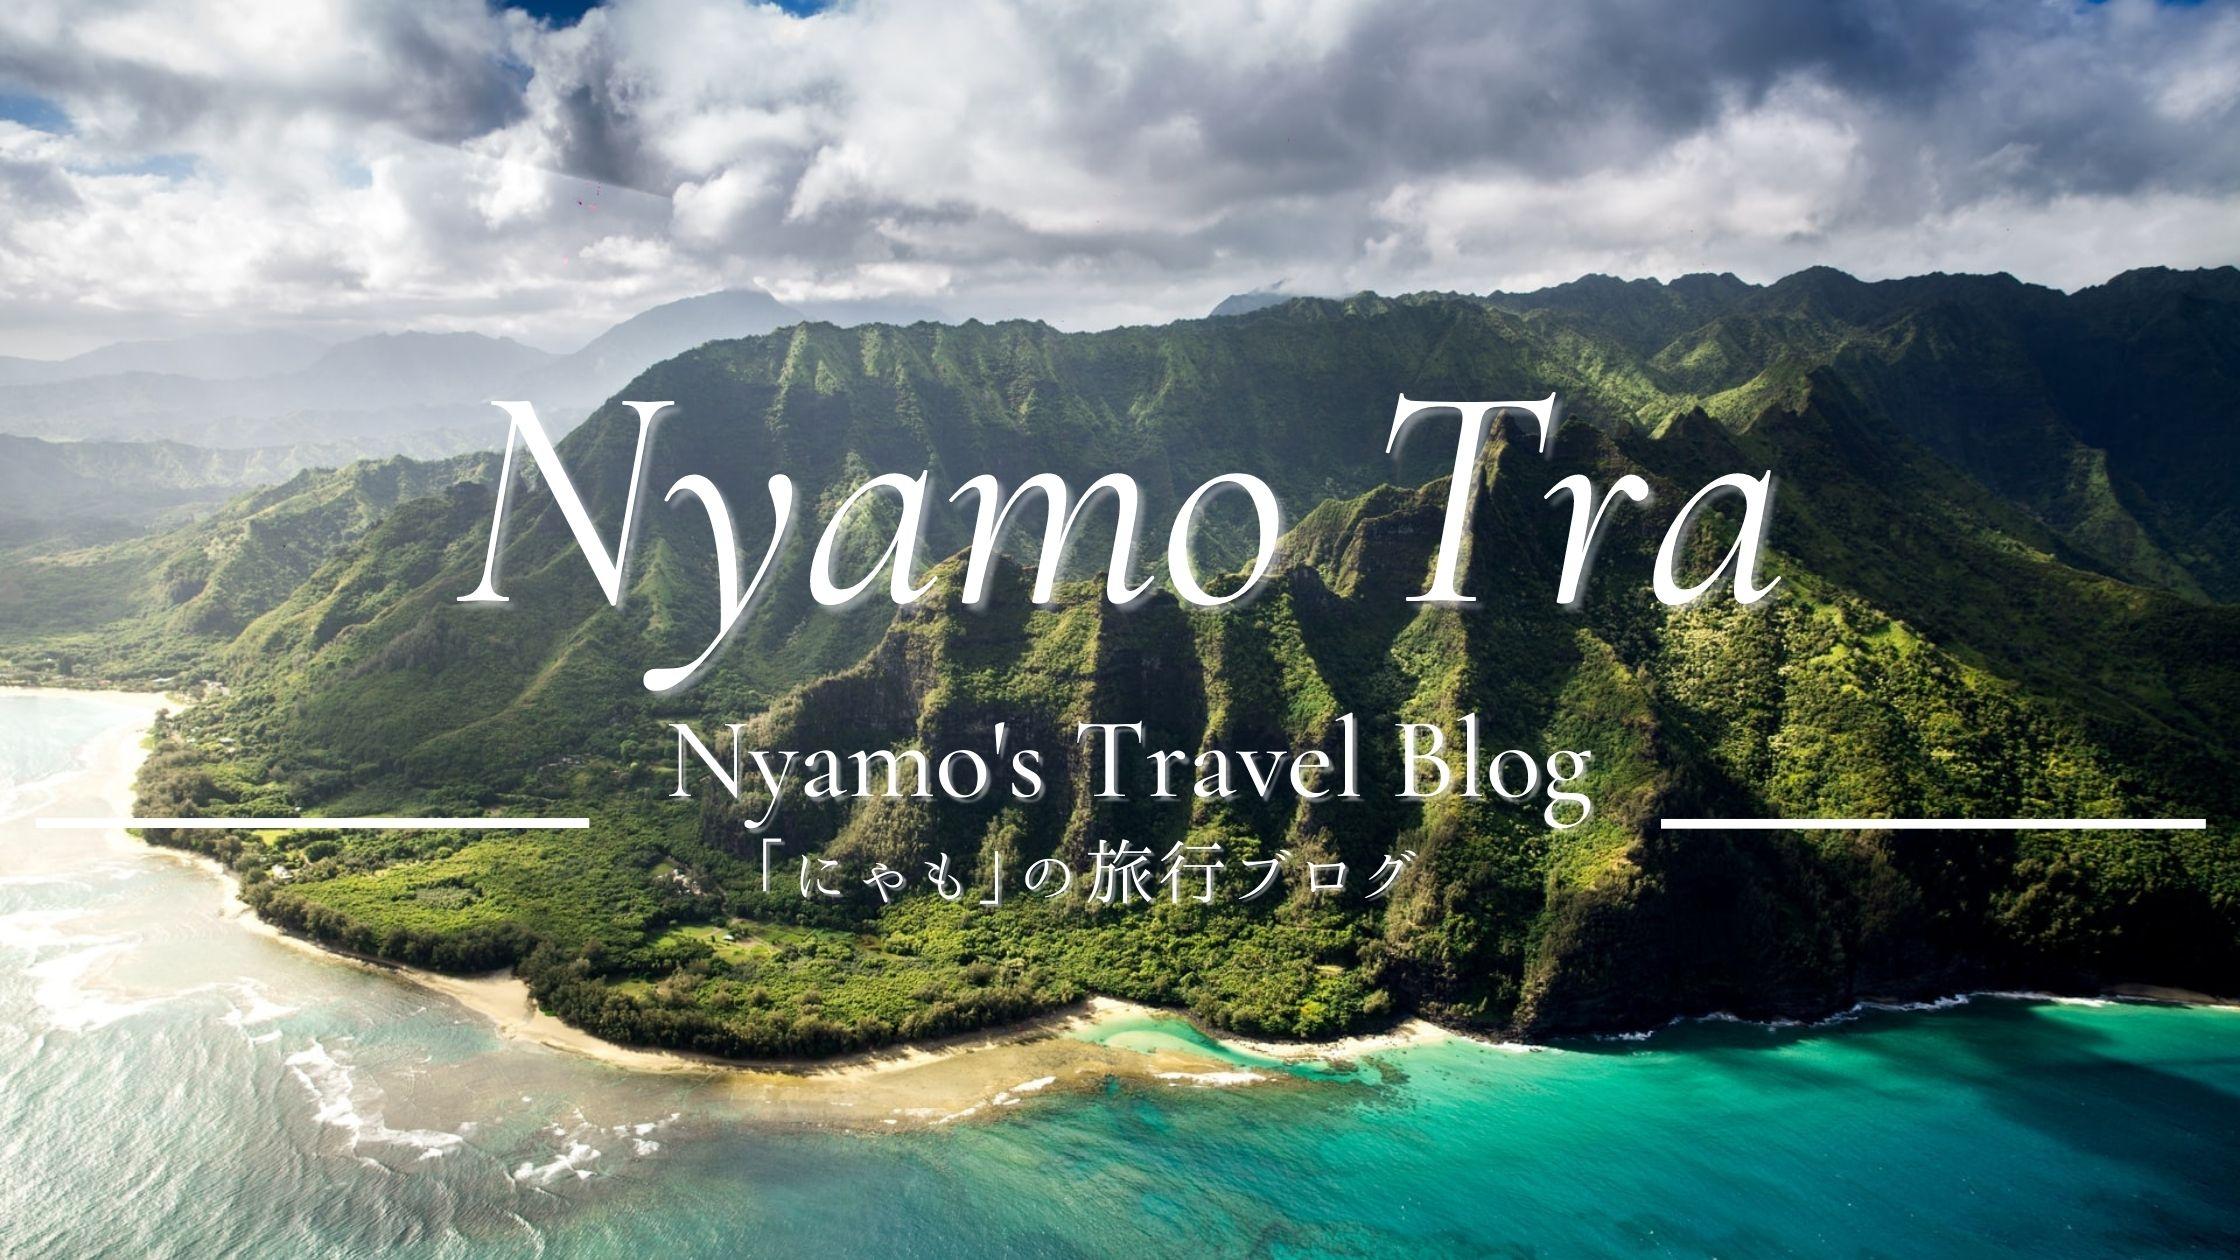 にゃもとら にゃもの旅行ブログ